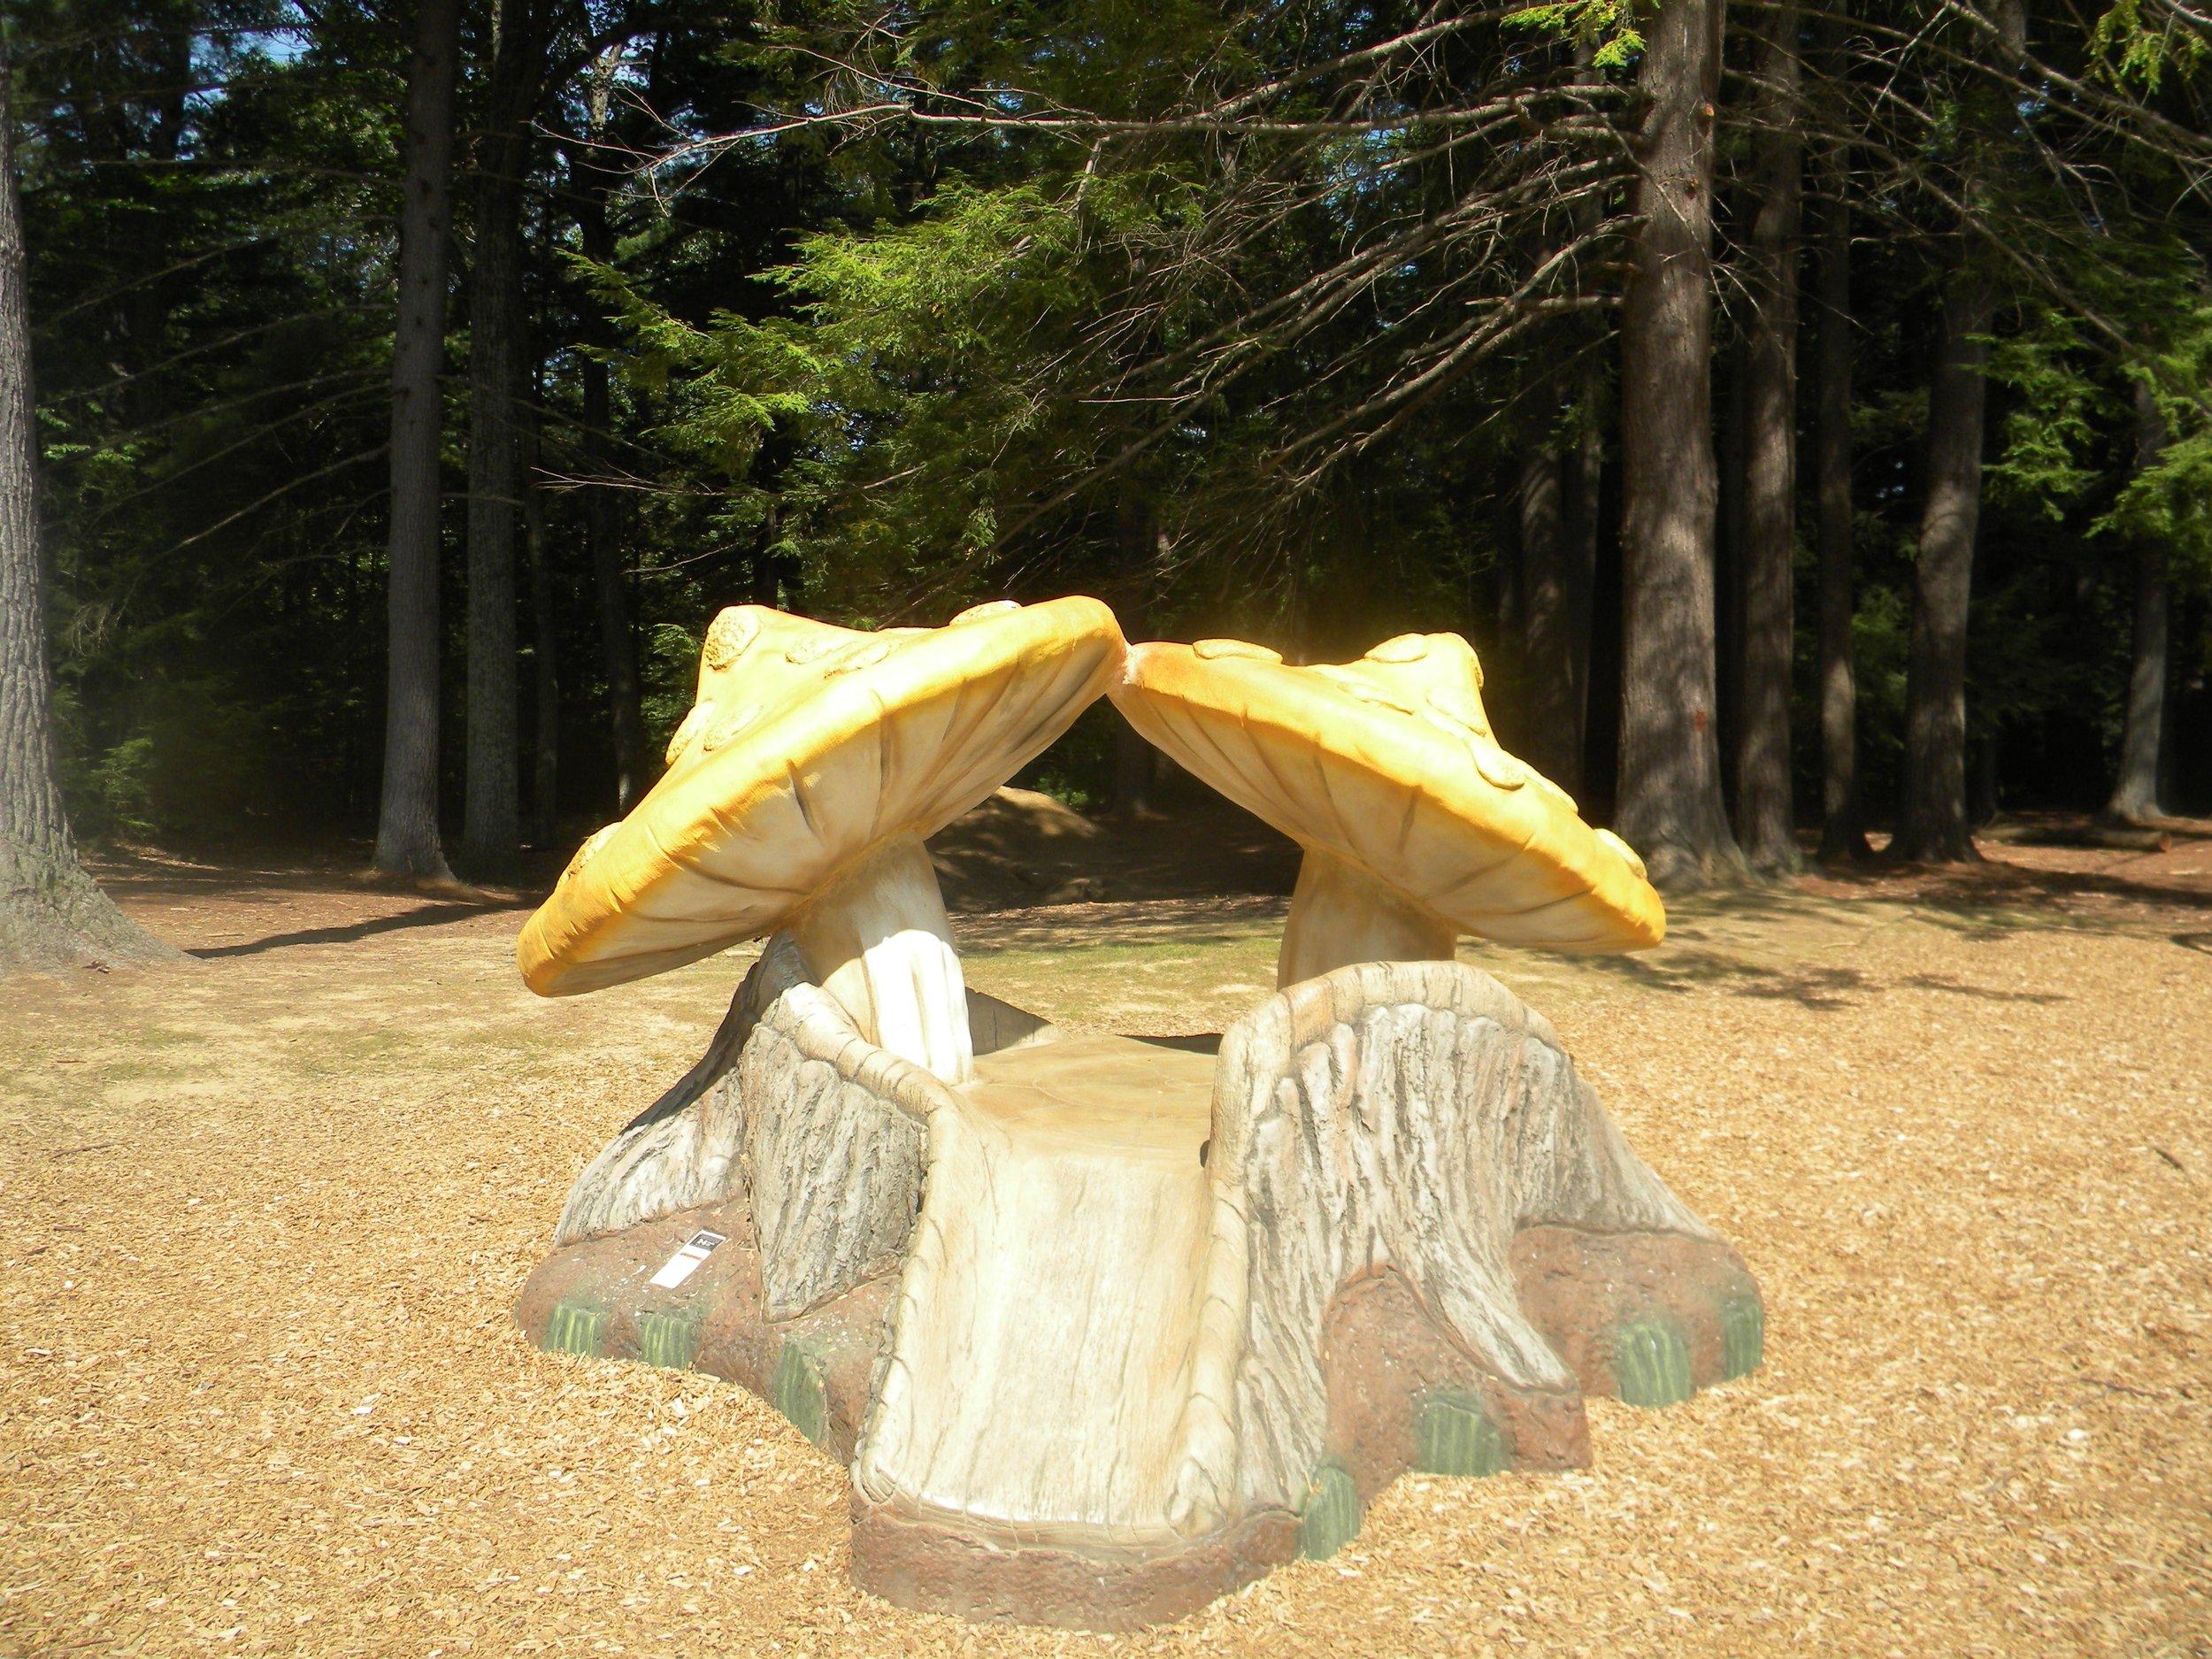 Mushroom-slide-for-toddlers.jpg